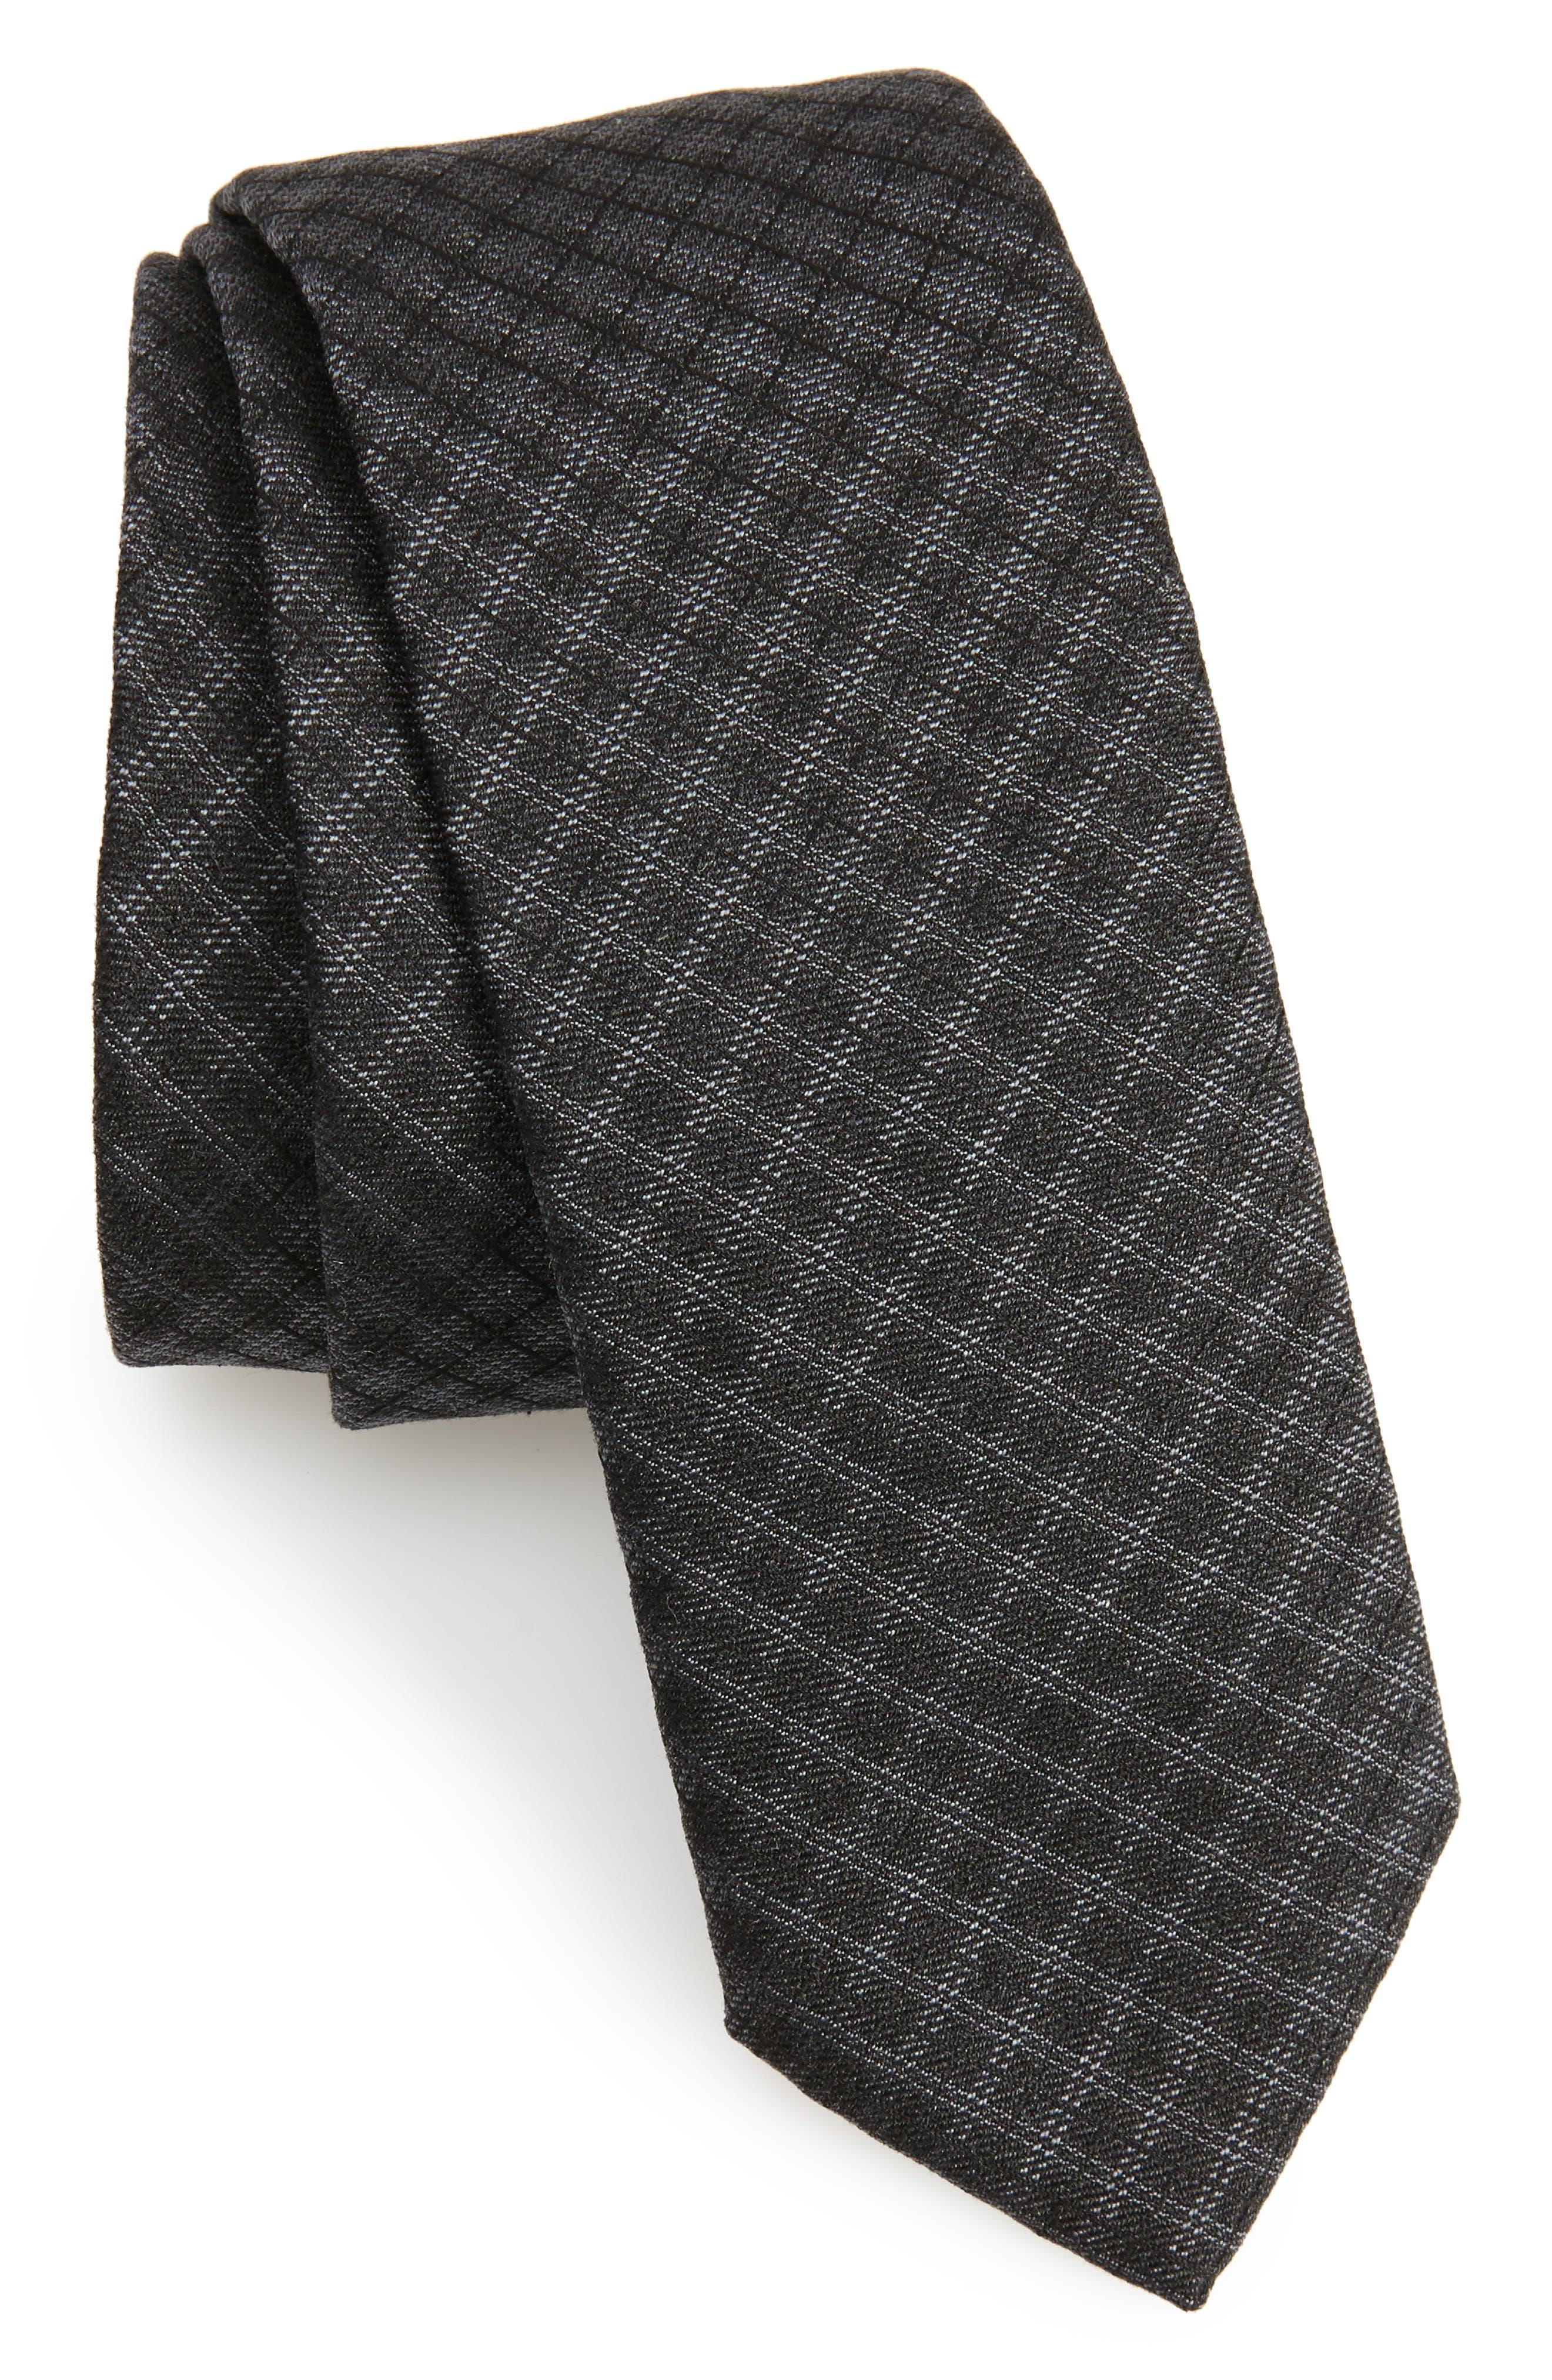 Alternate Image 1 Selected - BOSS Tonal Check Silk Skinny Tie